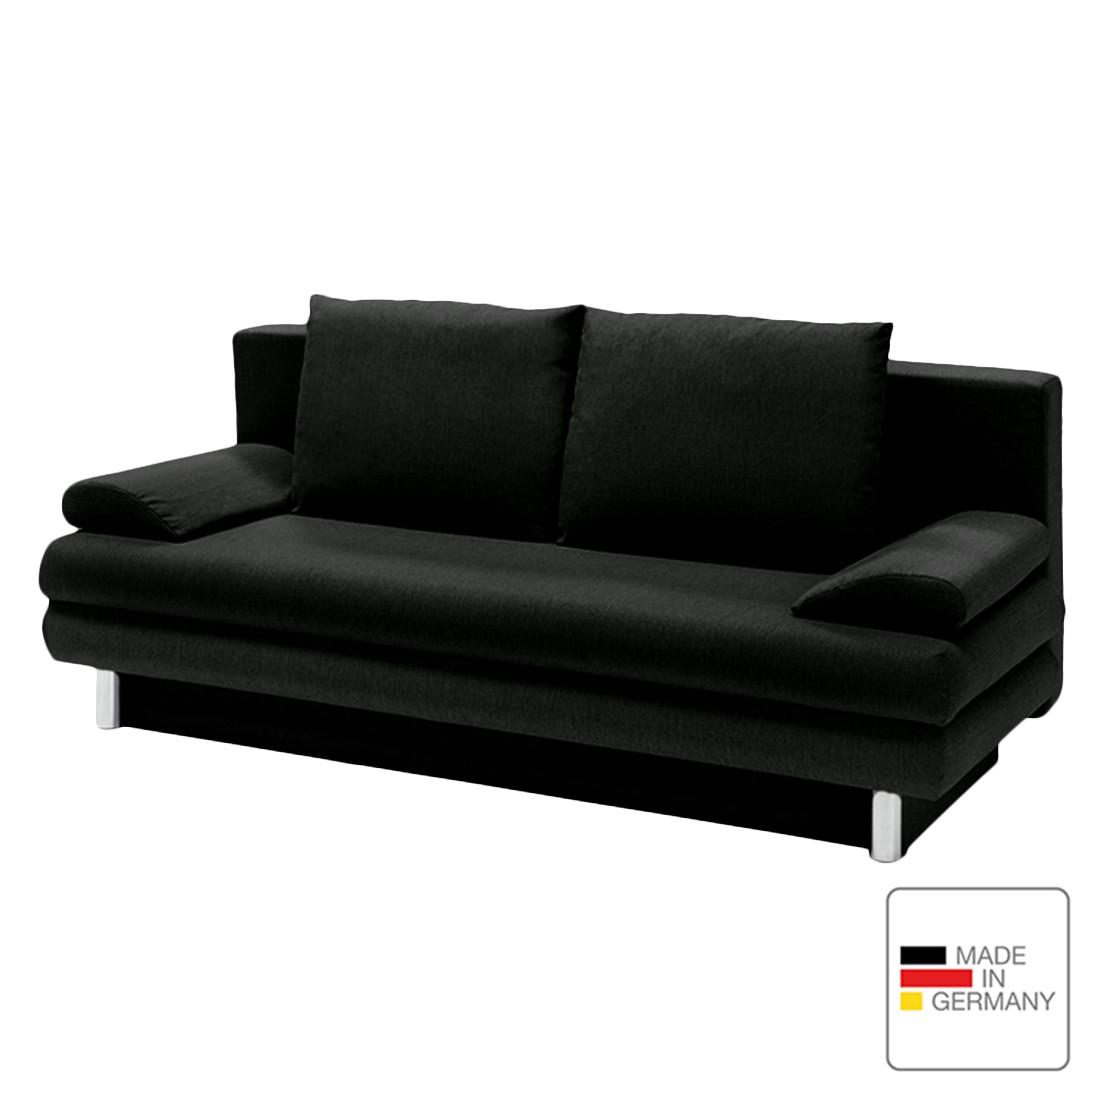 Schlafsofa Brisane – Webstoff – Schwarz, Studio Monroe jetzt kaufen